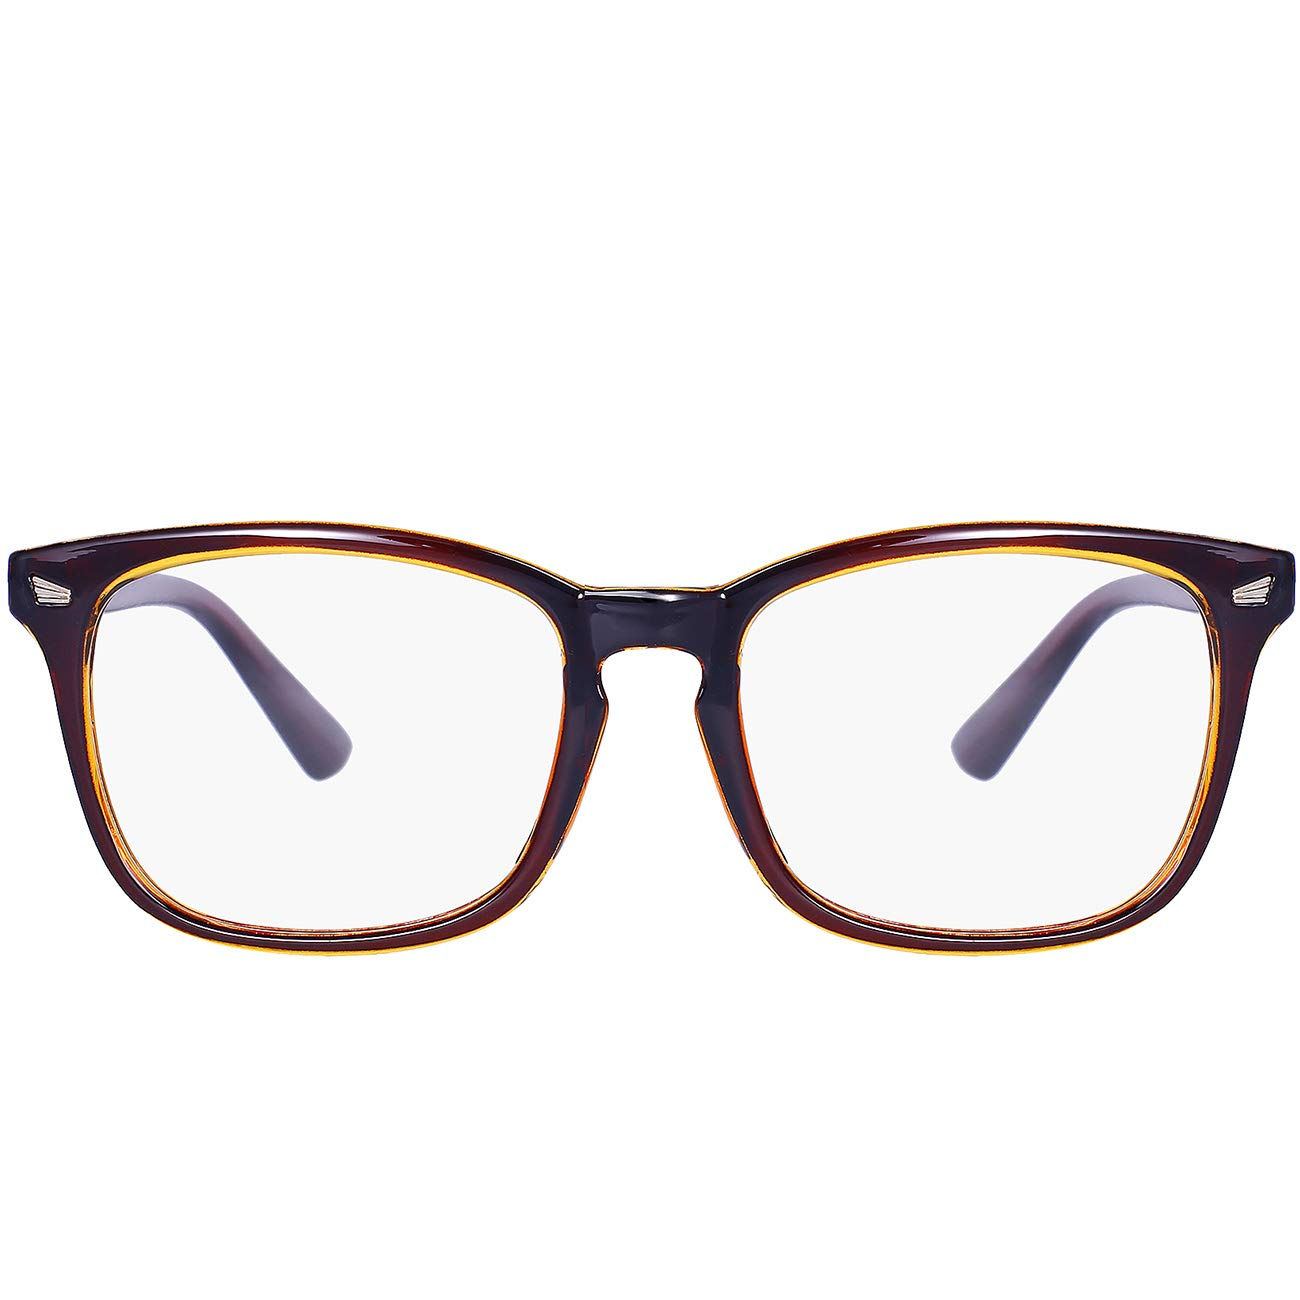 Maxjuli Blue Light Blocking Glasses,Computer Reading/Gaming/TV/Phones Glasses for Women Men 6001